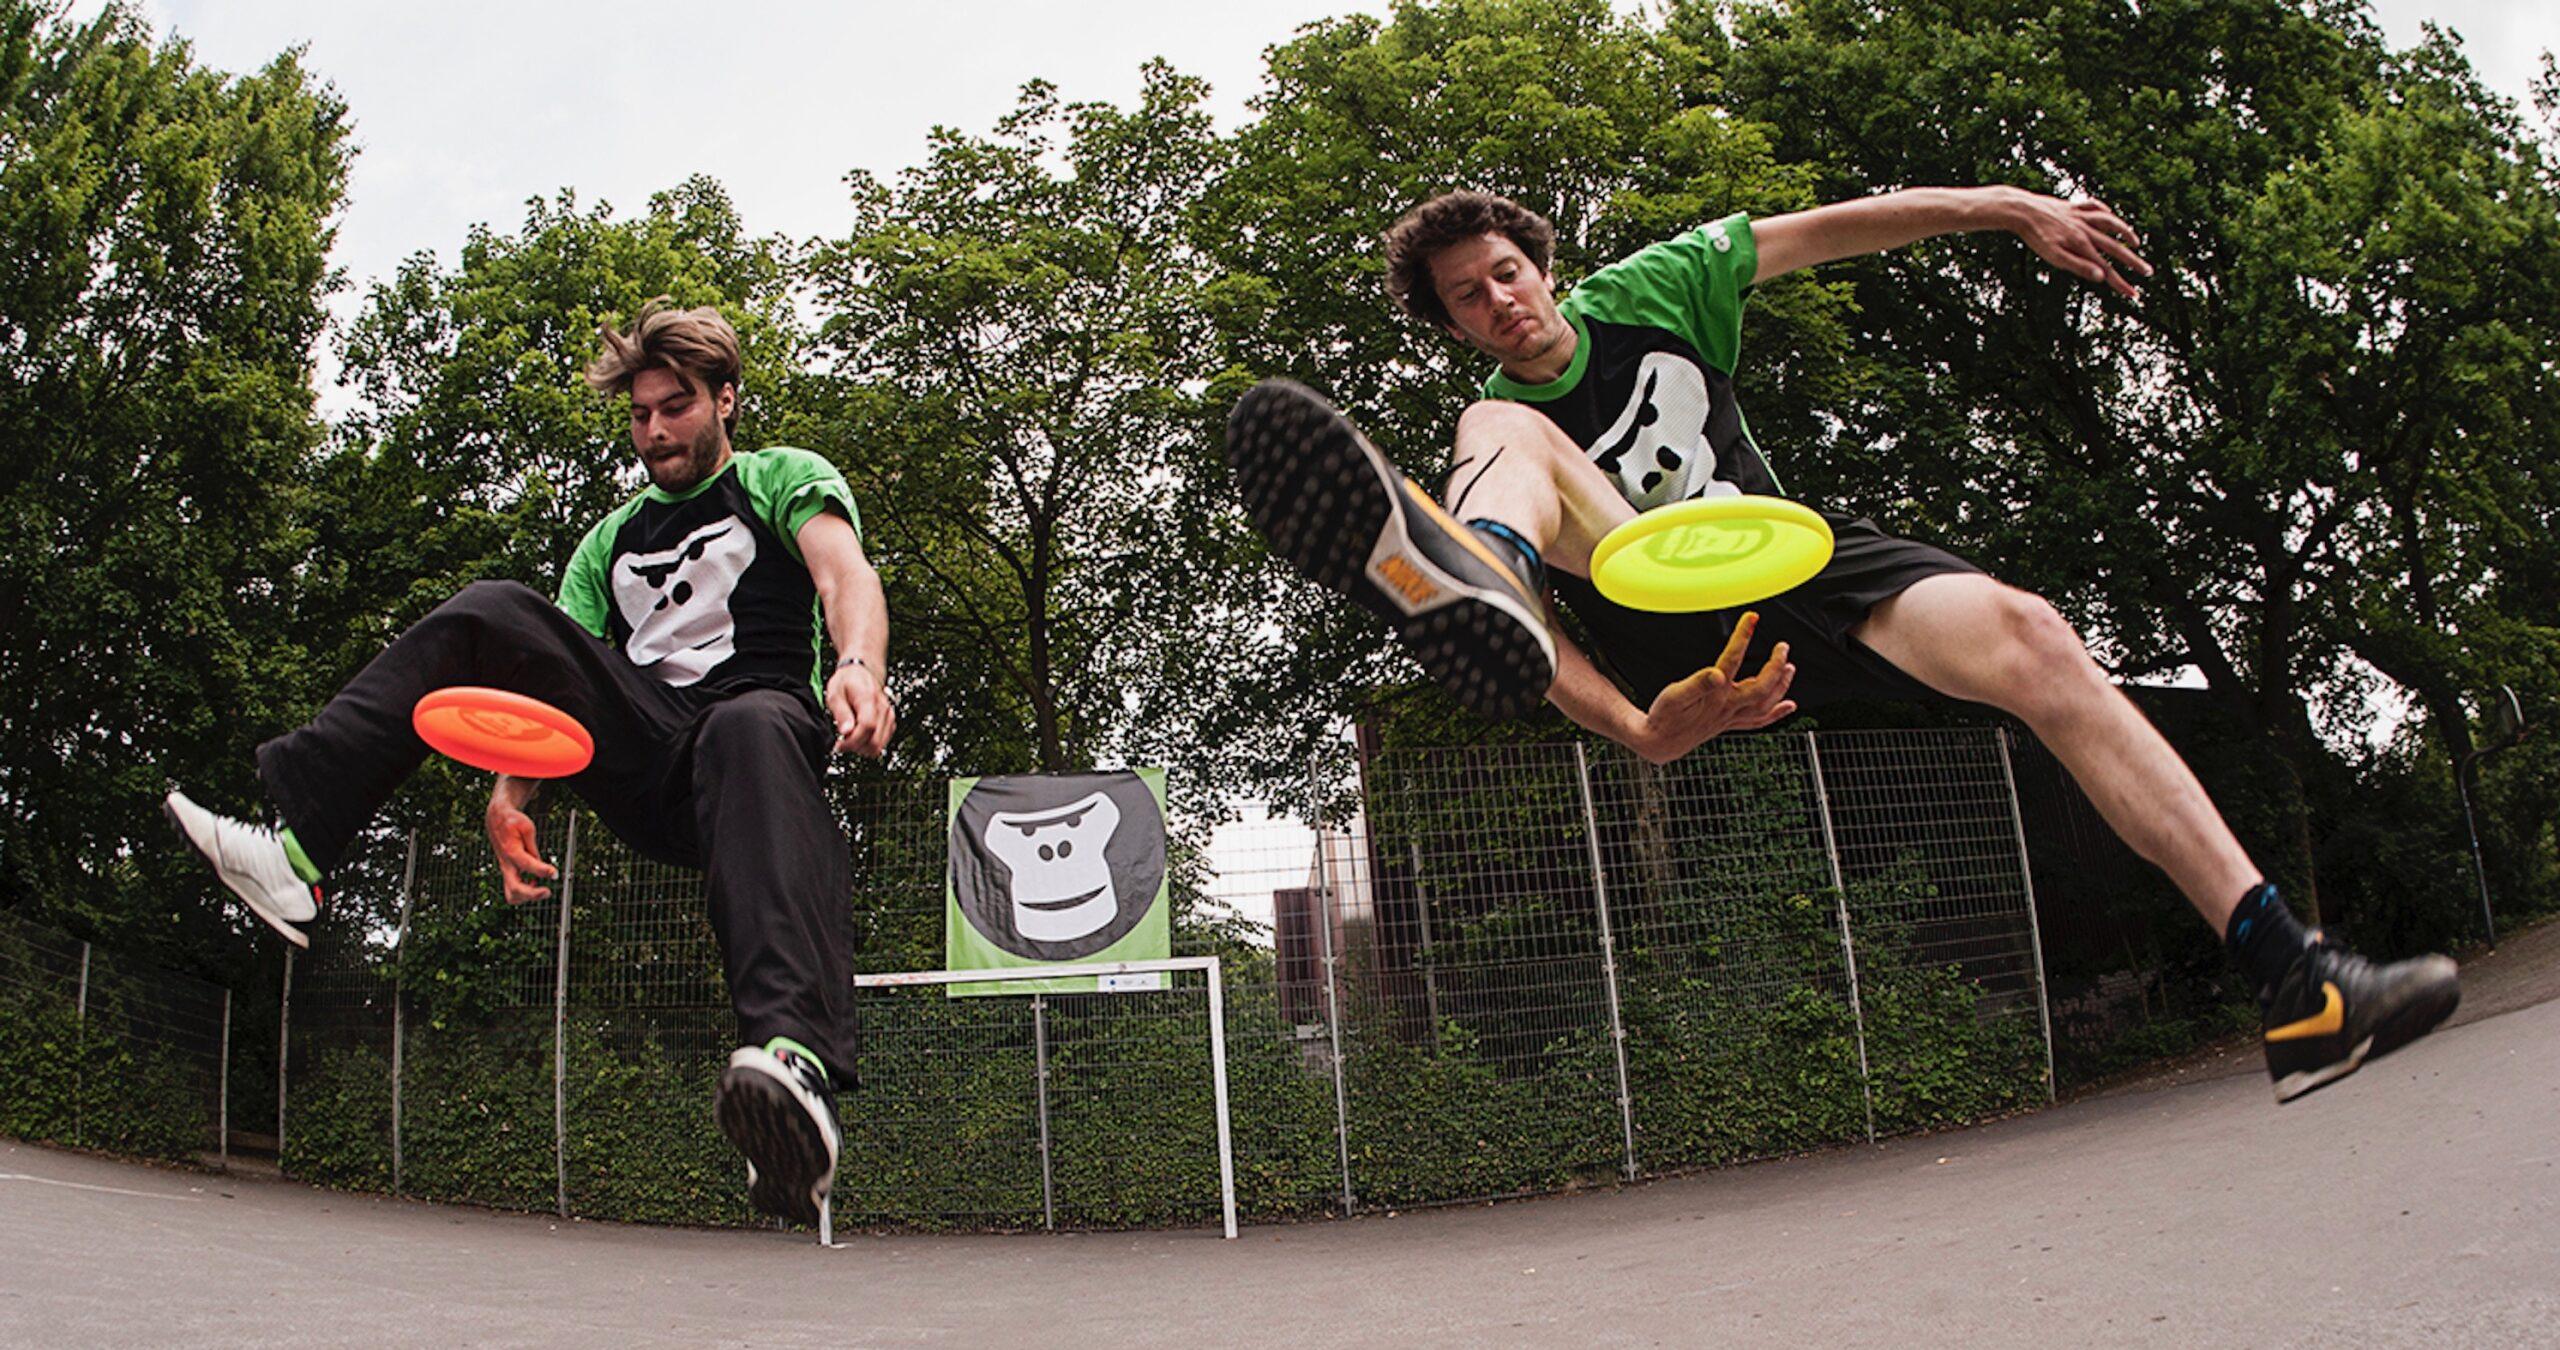 2 GORILLA Botschafter die am Frisbee spielen sind.